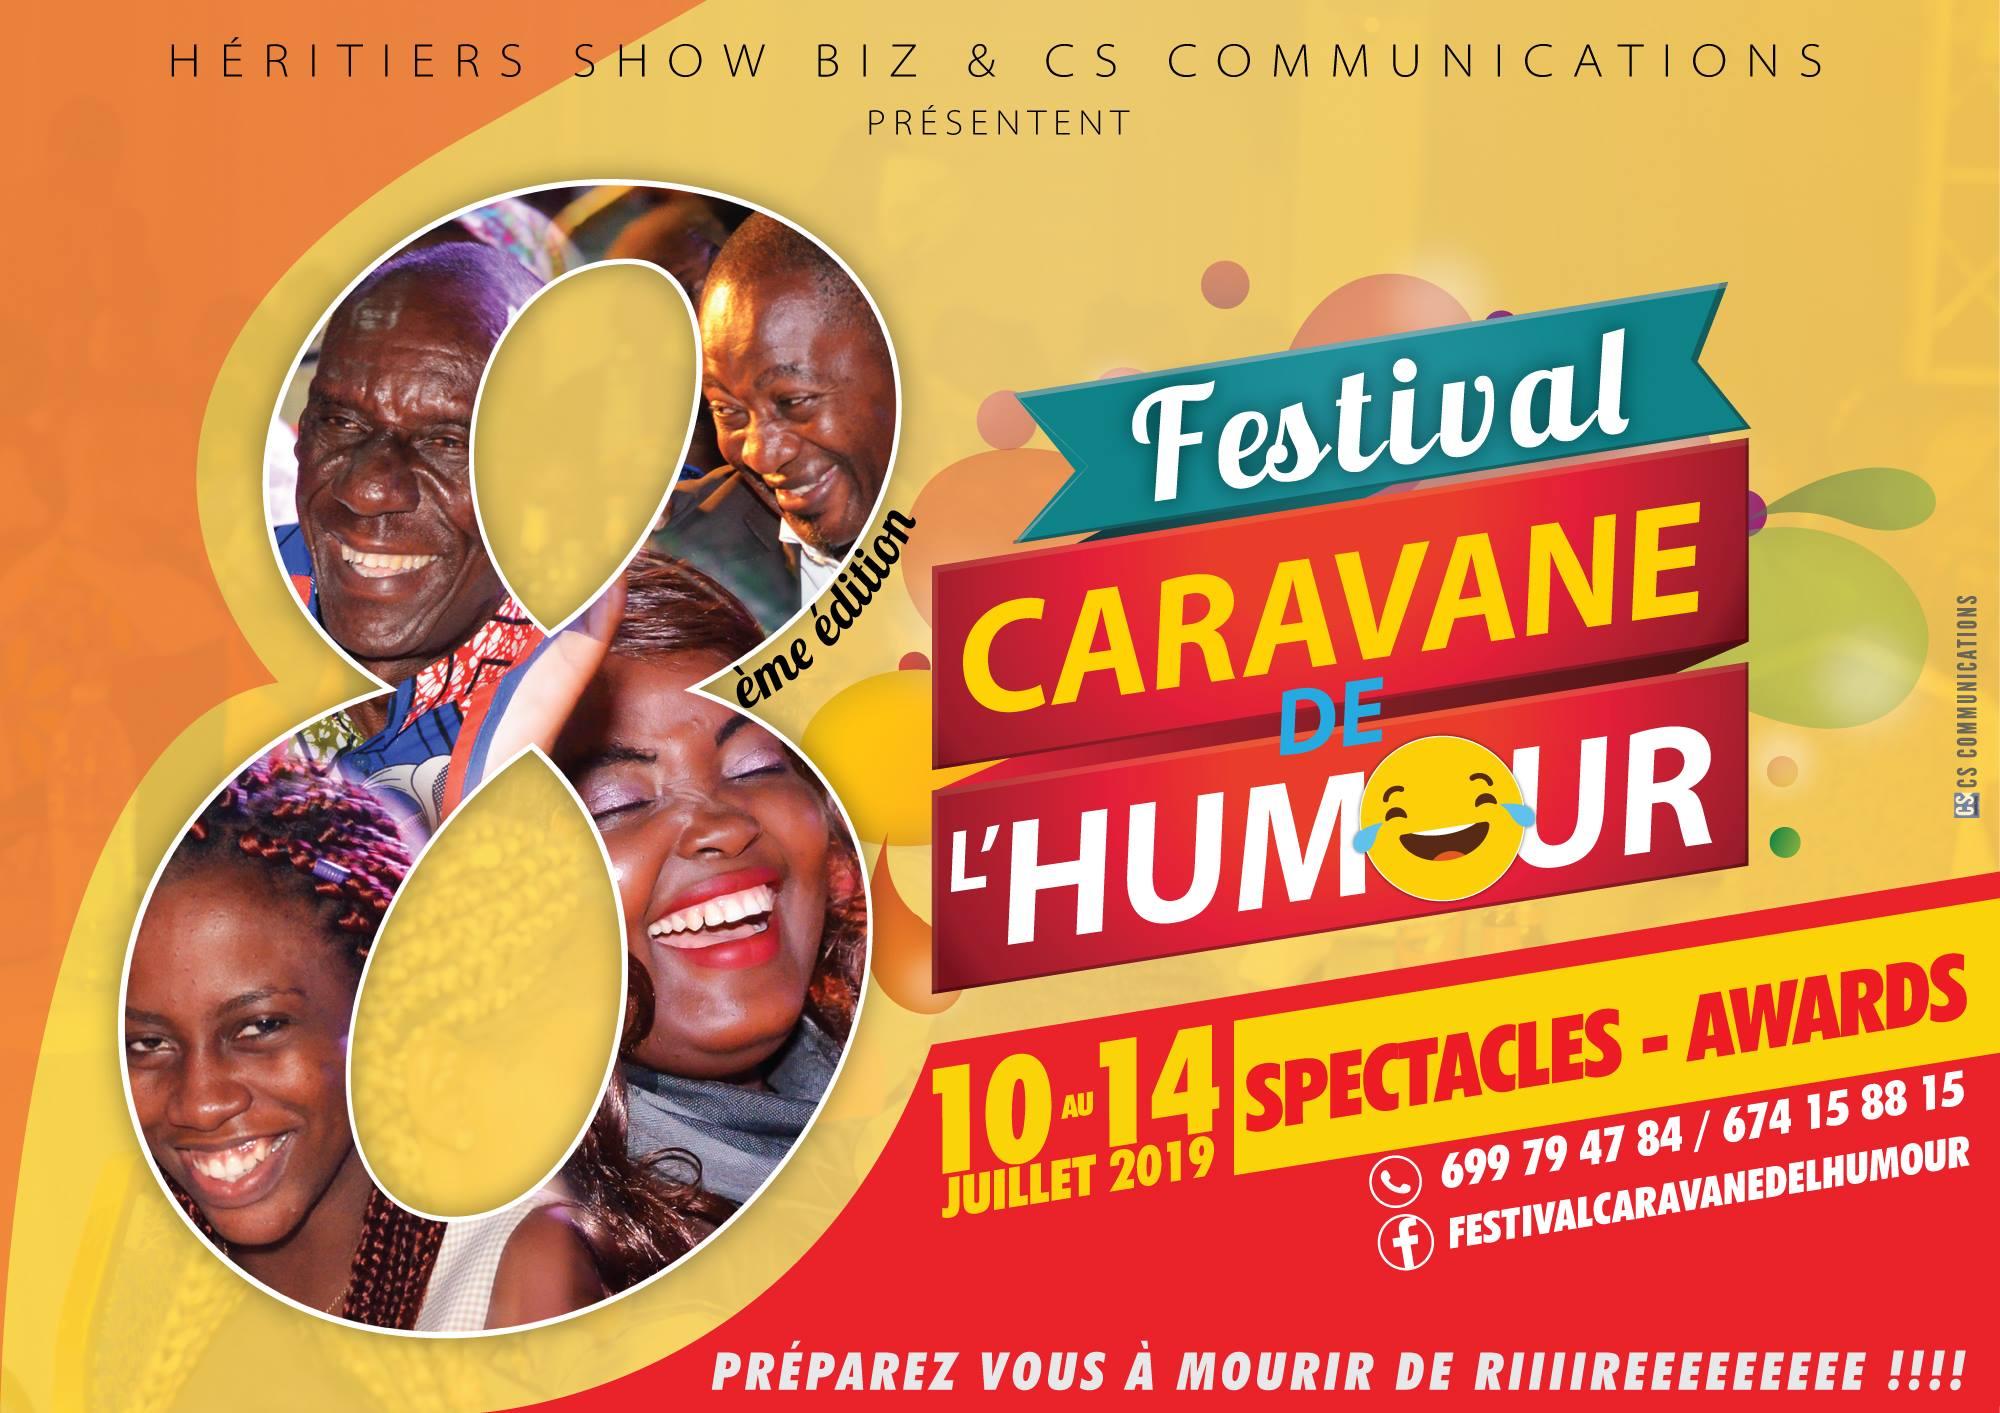 Les 7 noms de la victoire au Festival Caravane de l'Humour : Ulrich Takam, Hector Flandrin, Jean Bigmop Djansan, Mamiton, Comédie presse, One 2 One et Fingon Tralala